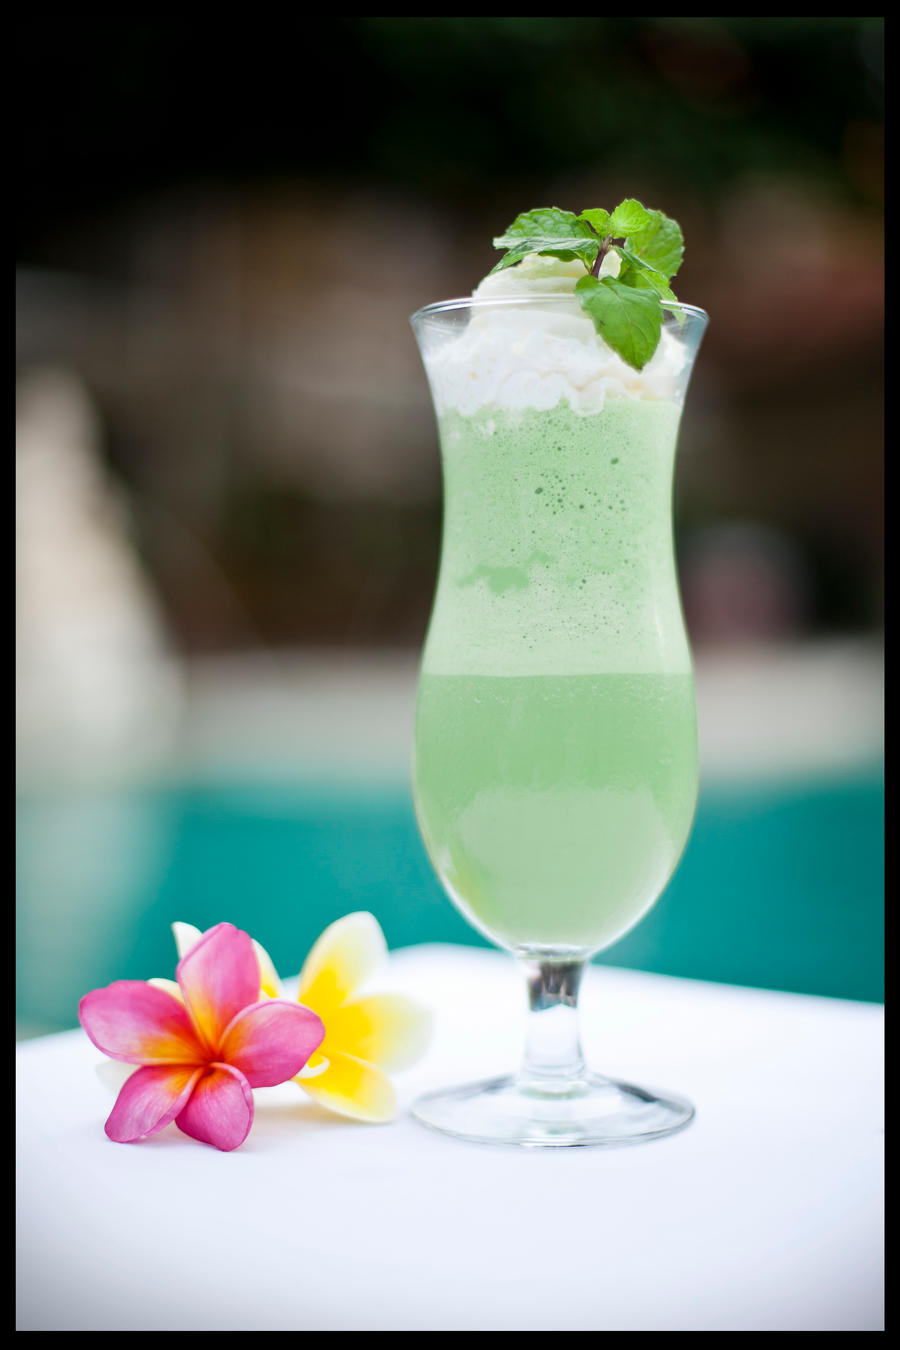 Tropical Mocktail by Nickz-Phew